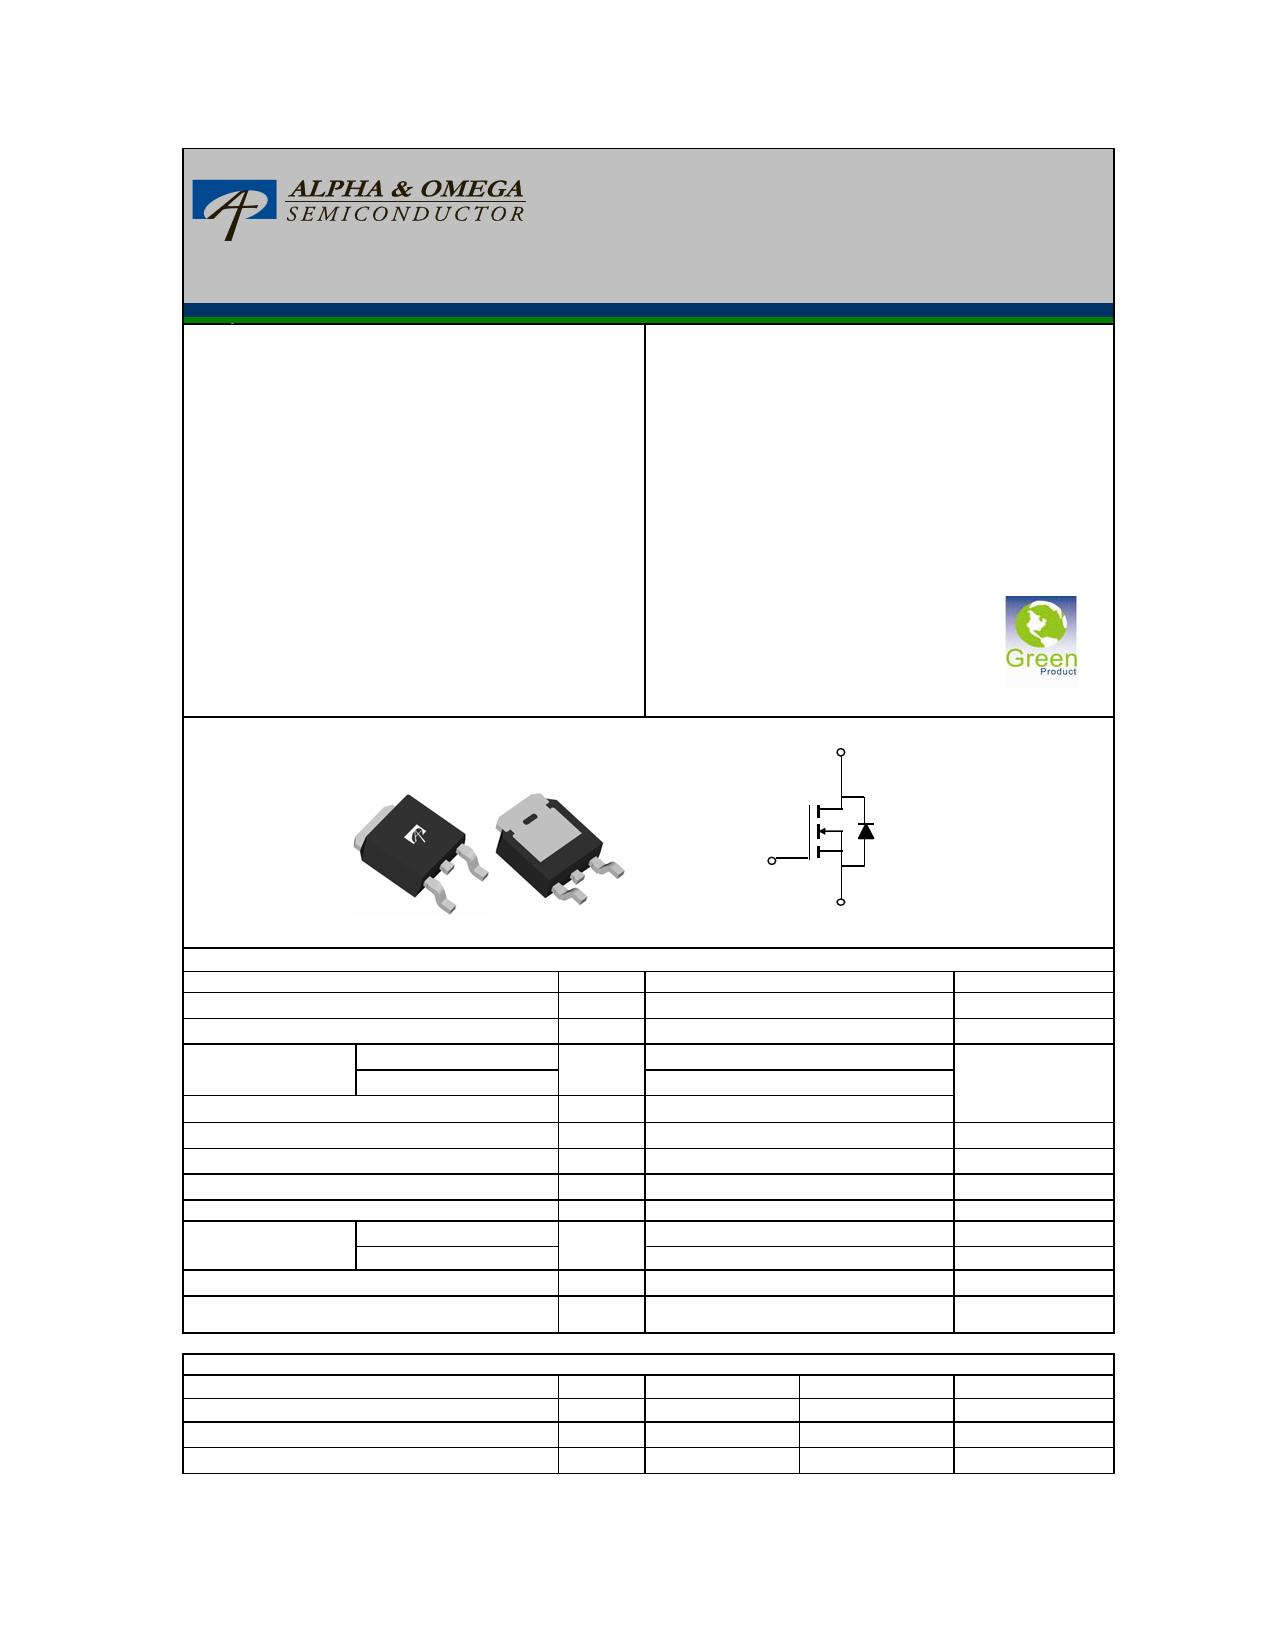 D9N40 datasheet image